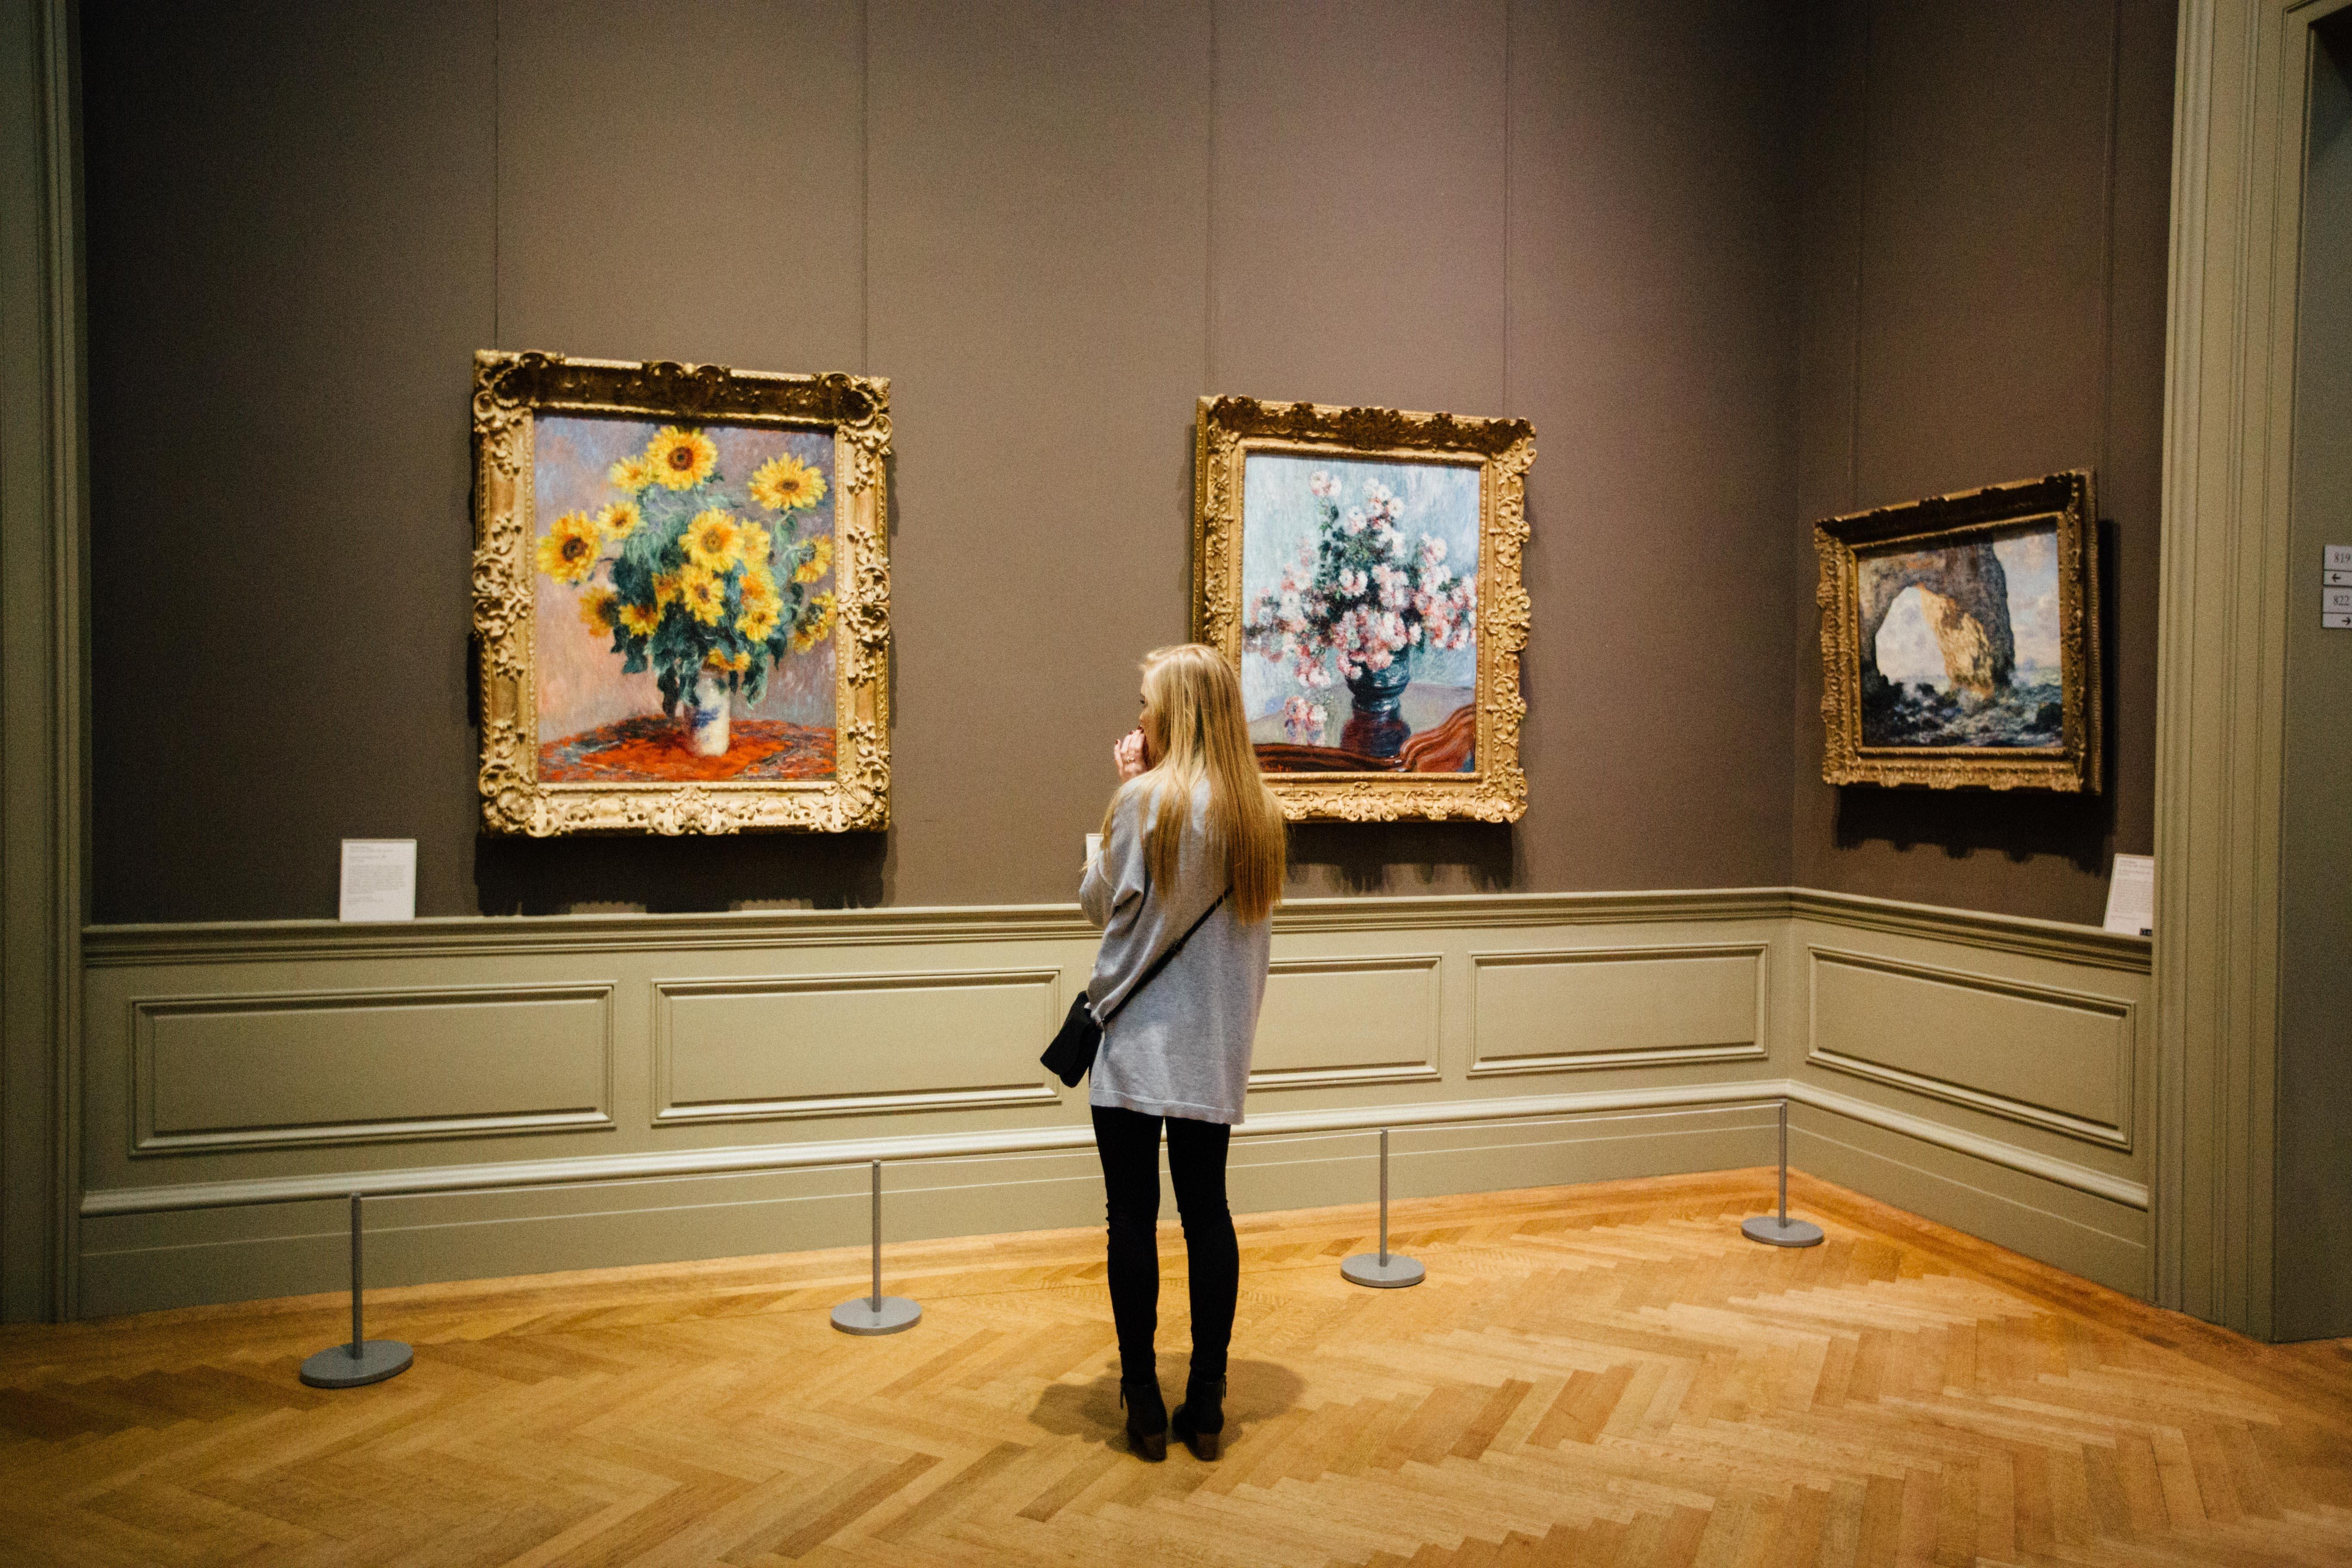 его галереи картинок с кодами полное отсутствие